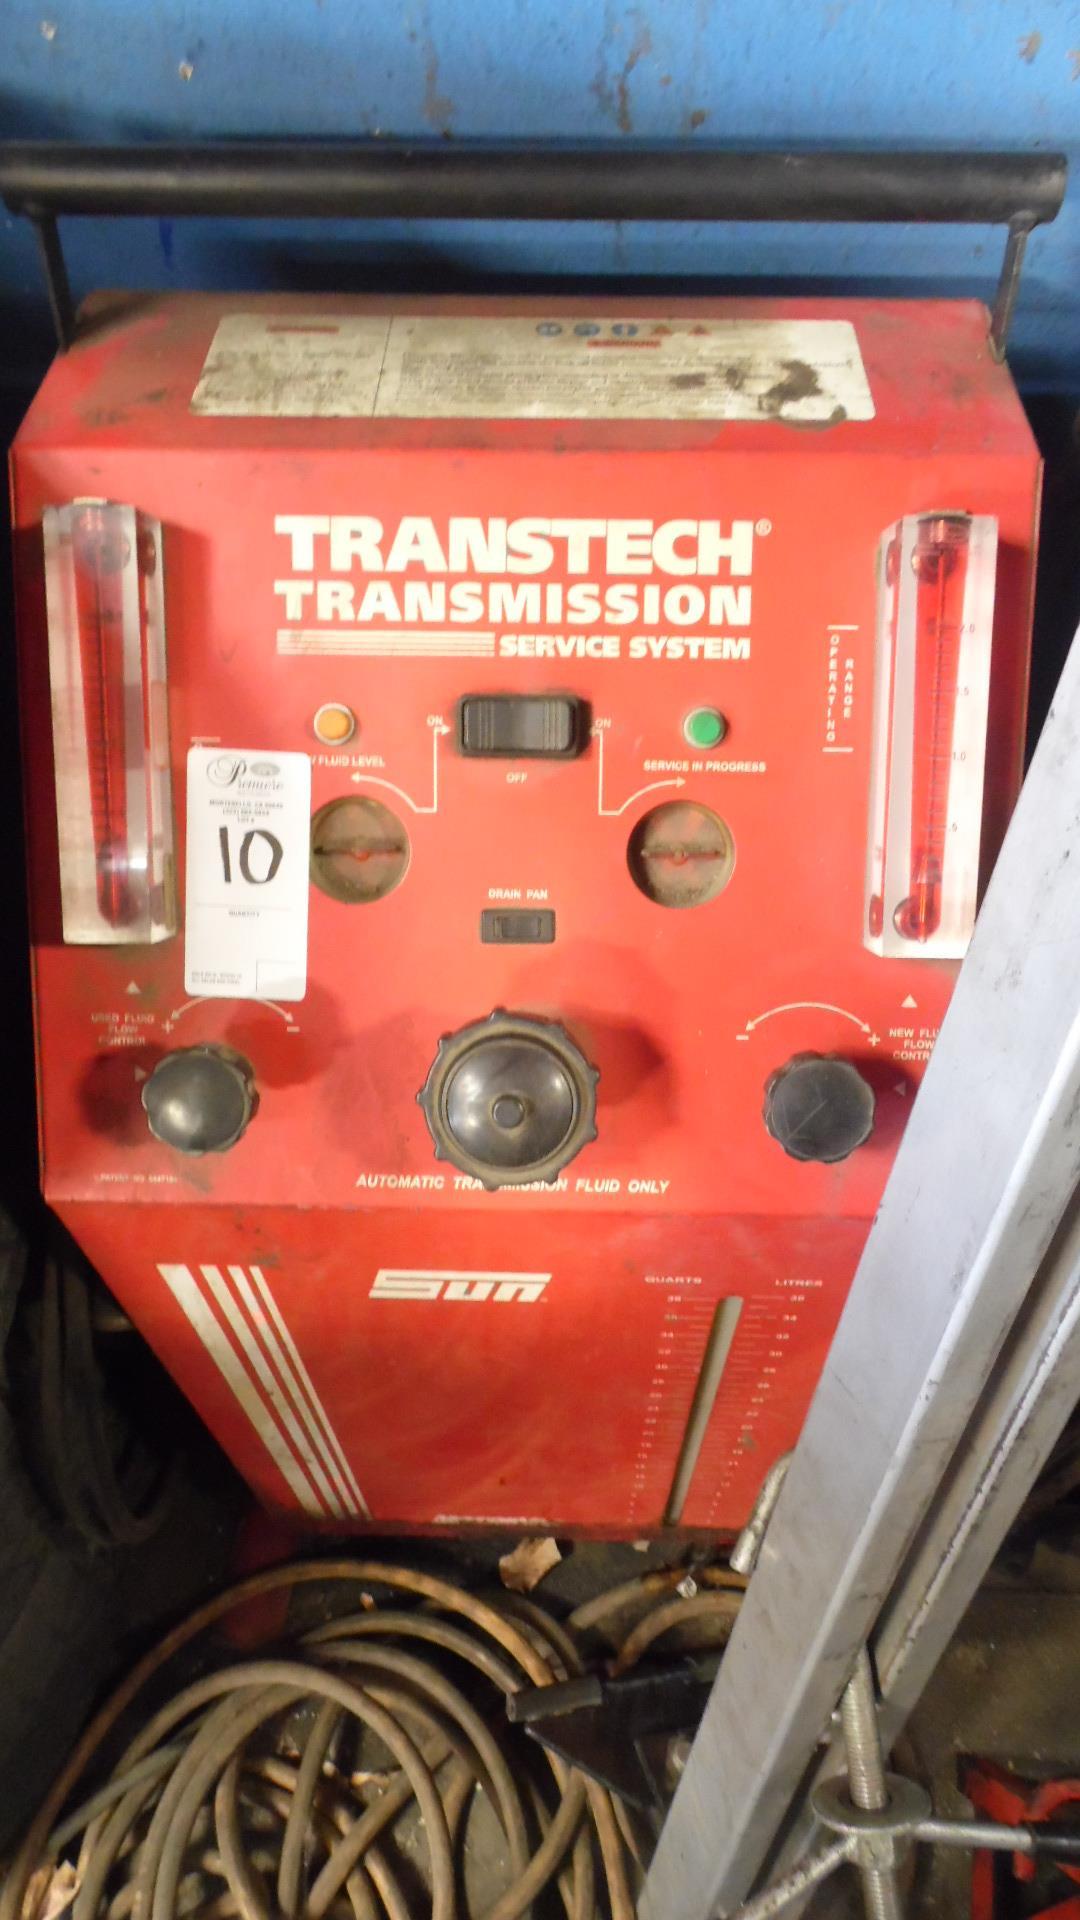 TRANSMISSION SERVICE SYSTEM